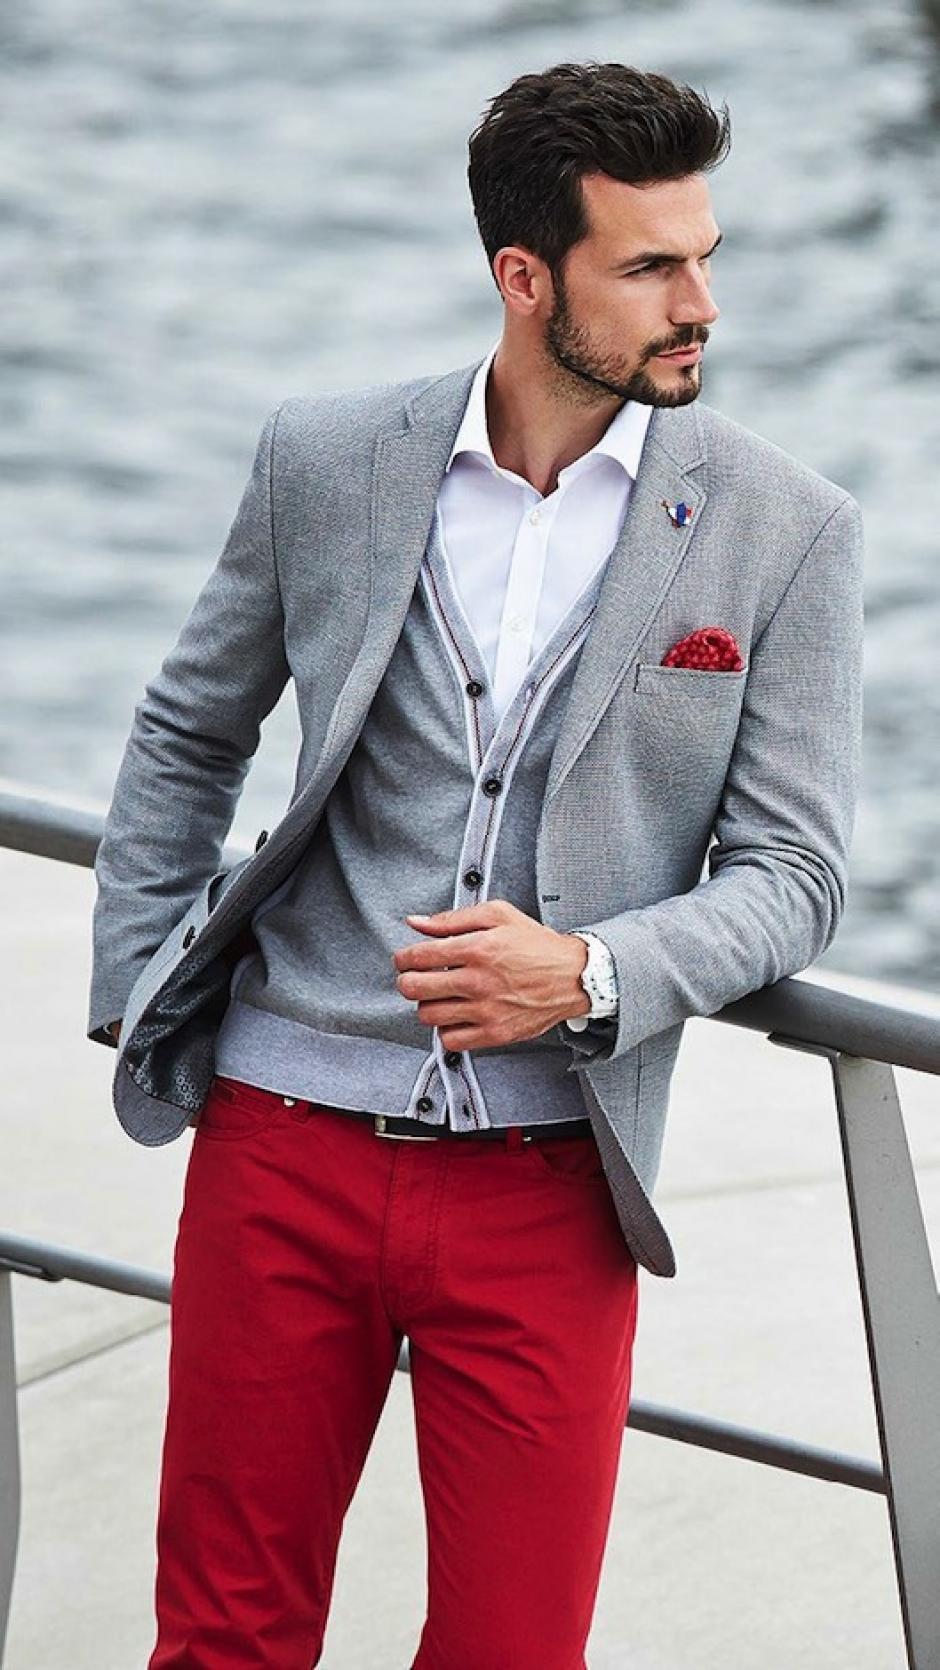 Los pantaones no necesariamente deben ser iguales al saco. (Foto: google)